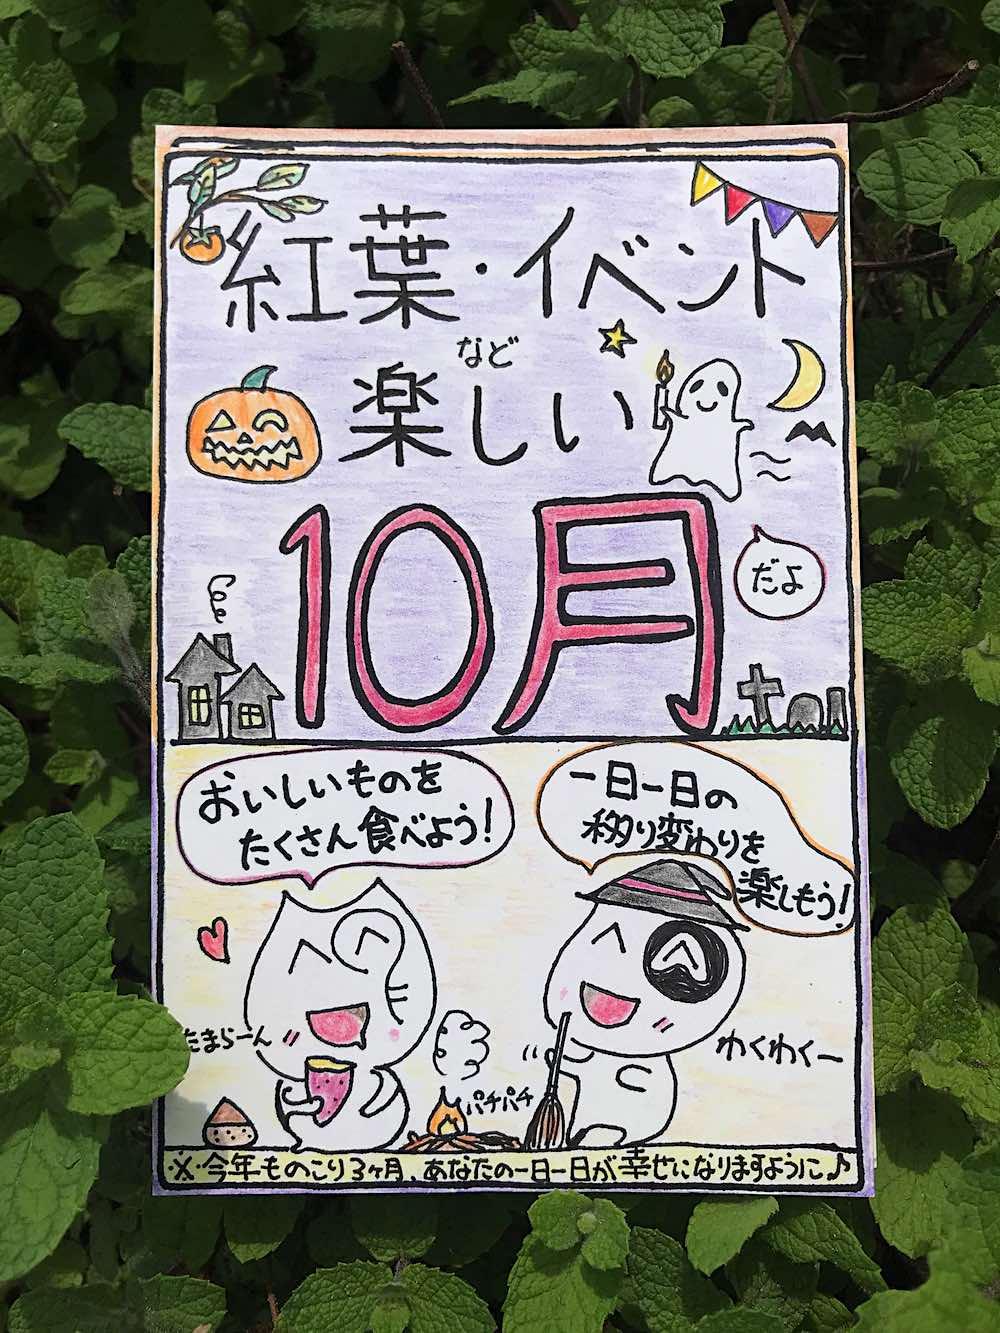 10月の手描きイラスト「生きよか.com」より